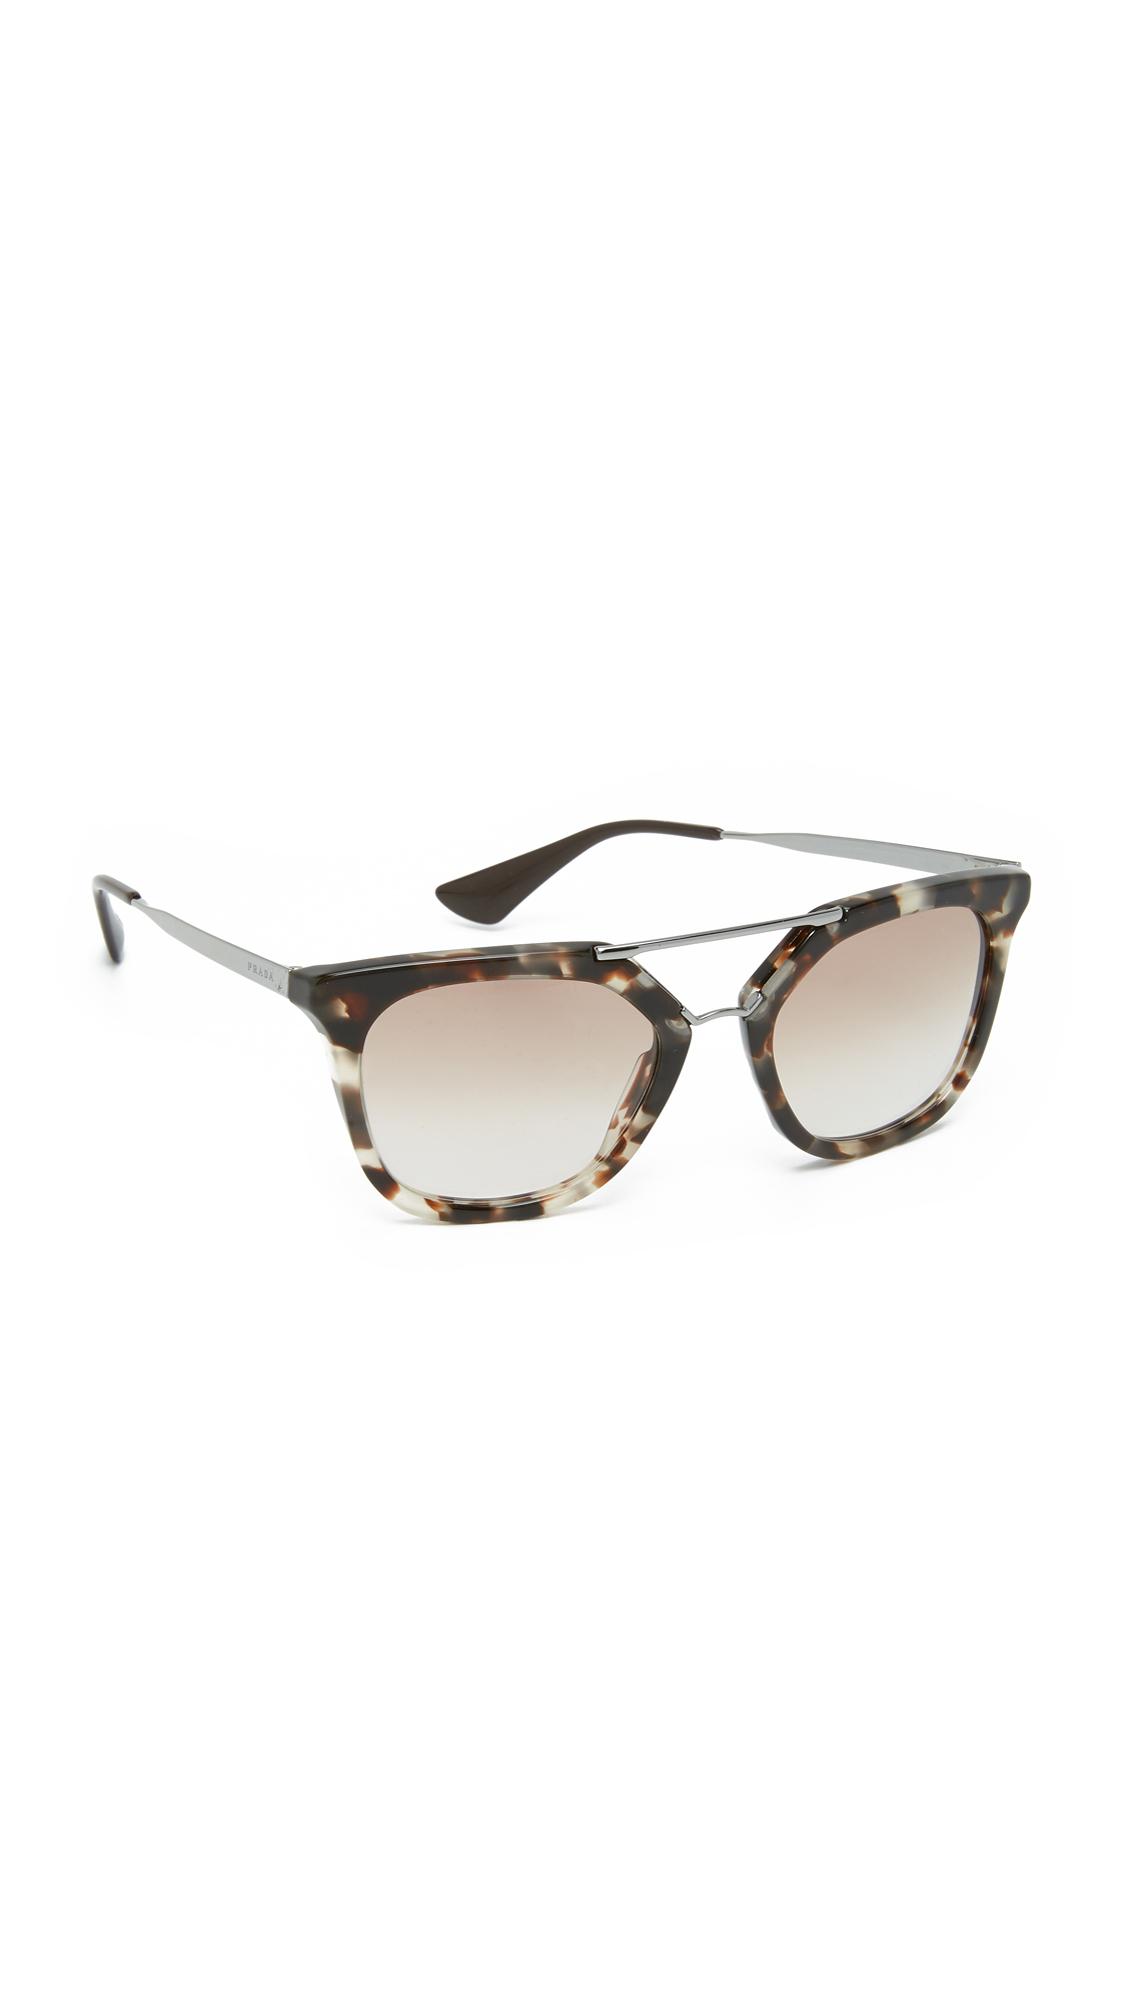 775388f91395b hot prada sunglasses pink noise a163c 7f234